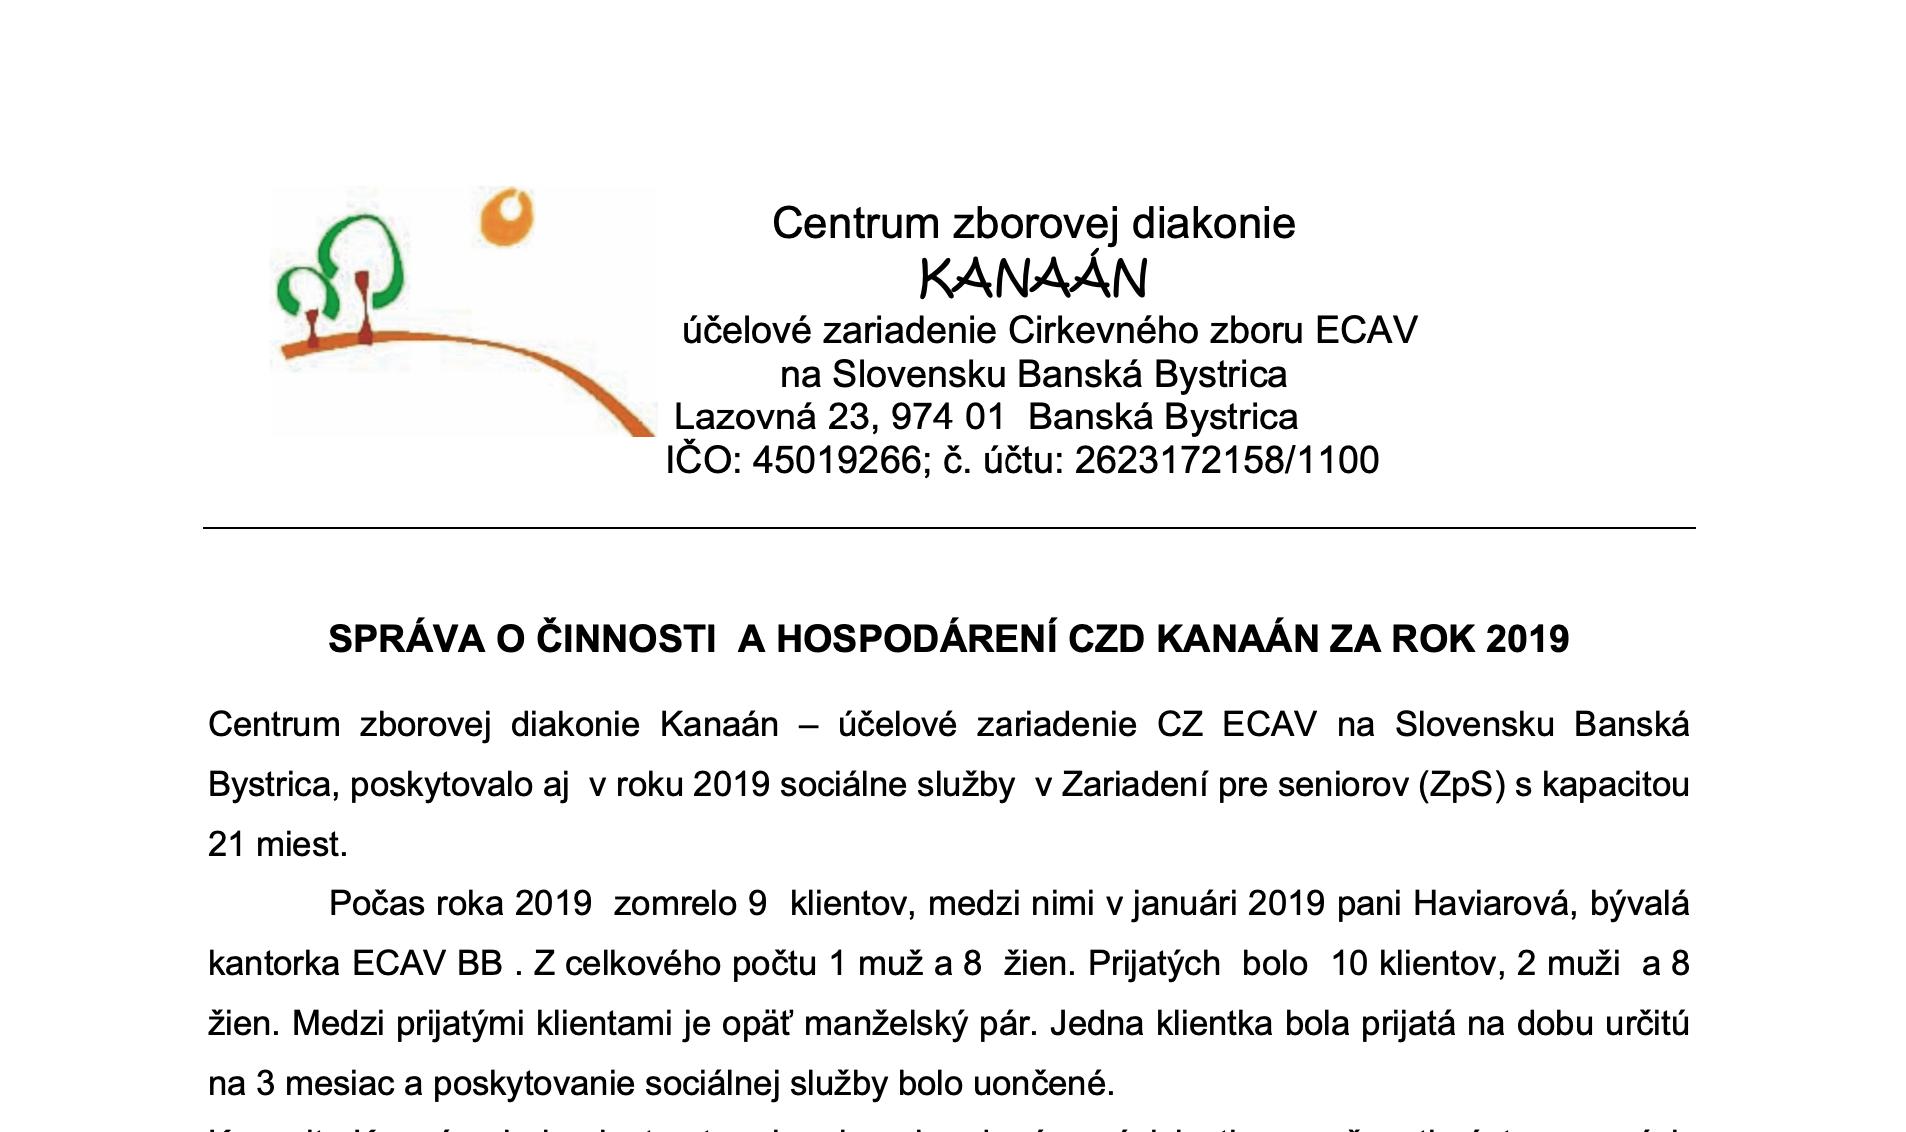 Správa o činnosti CZD Kanaán za rok 2019